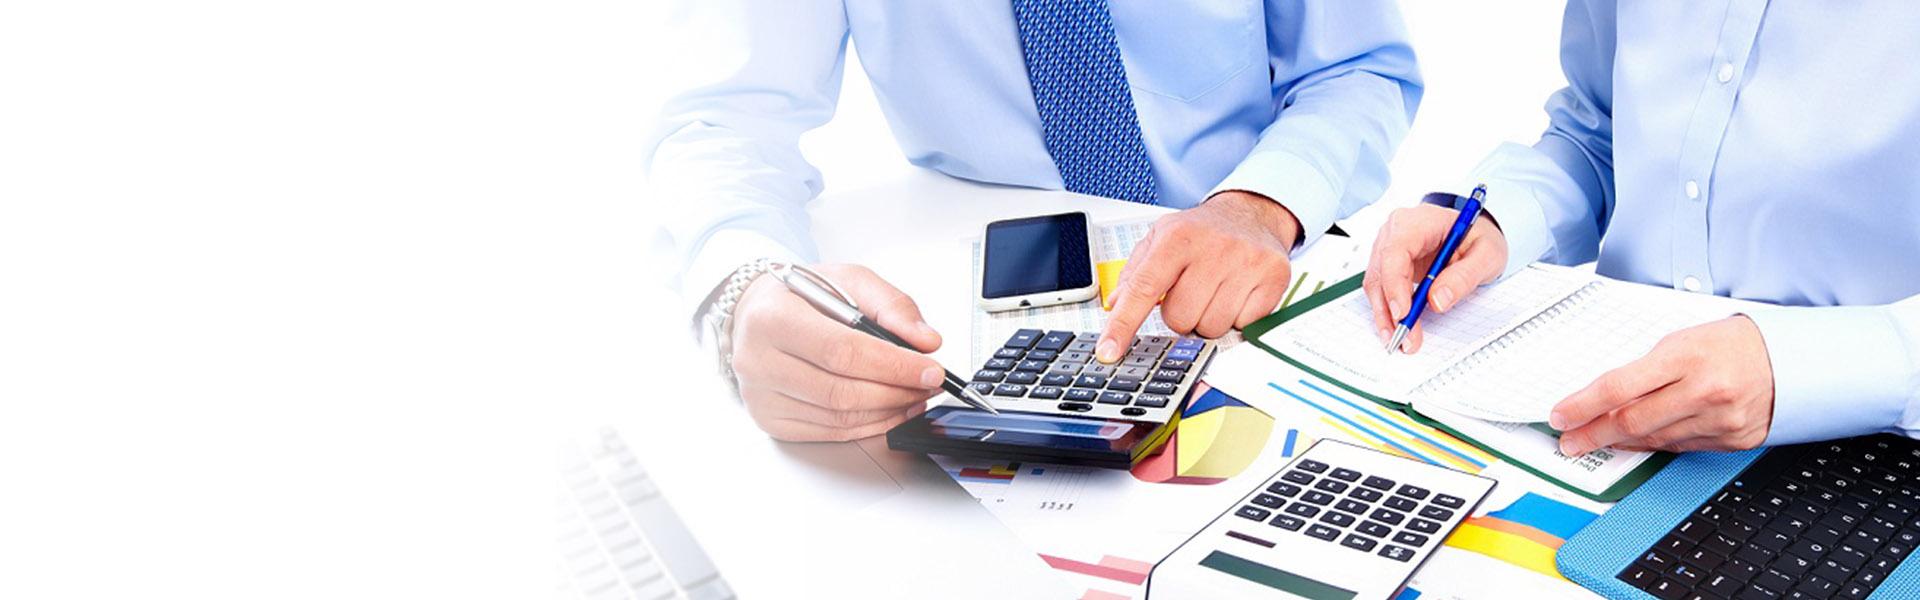 Świadczymy kompleksowe usługi rachunkowe